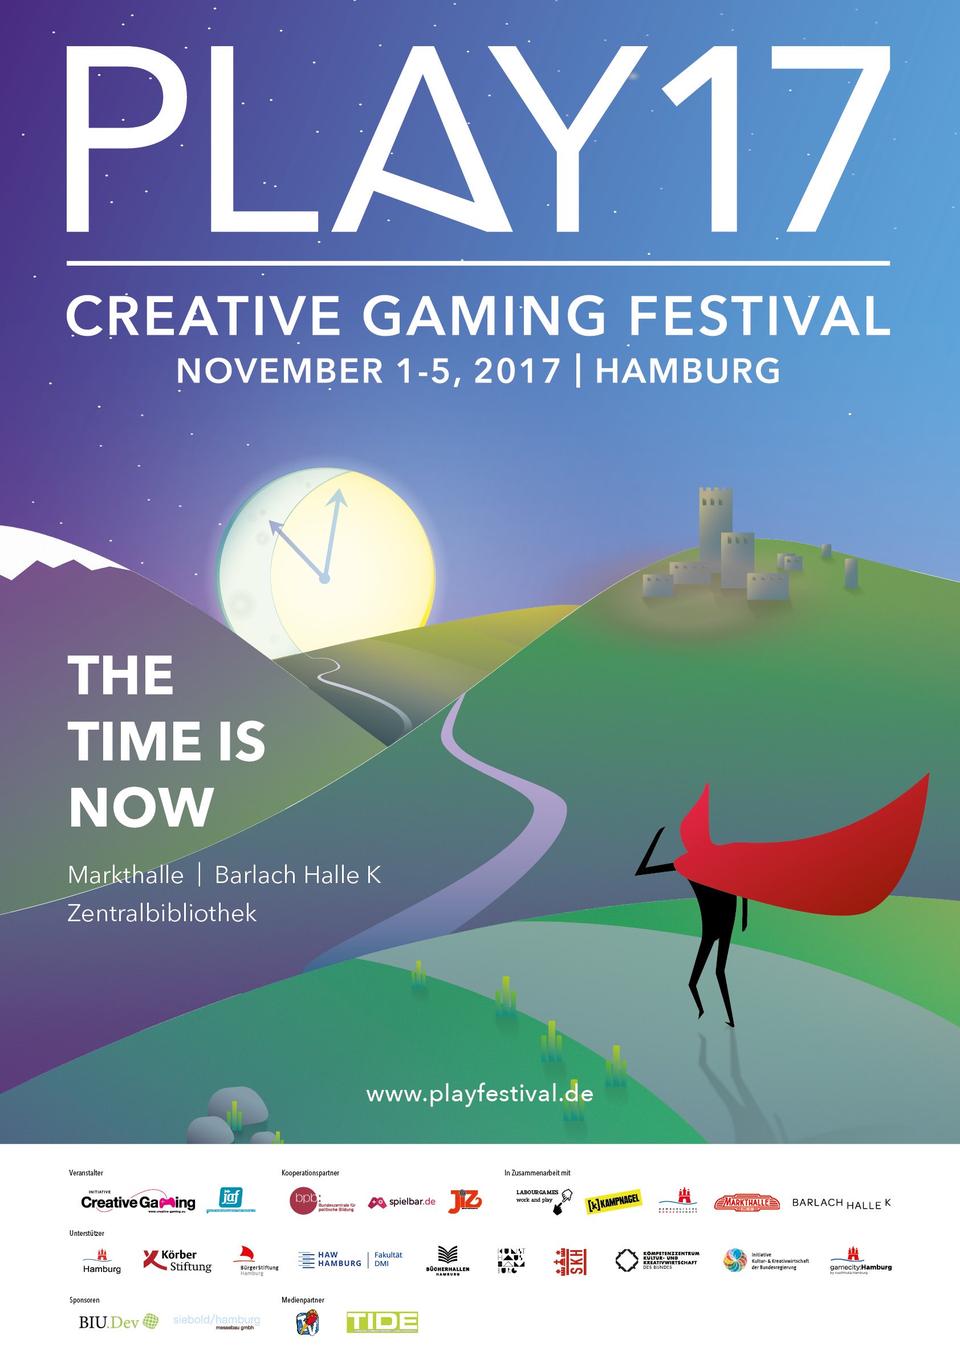 Creative Gaming / PLAY17